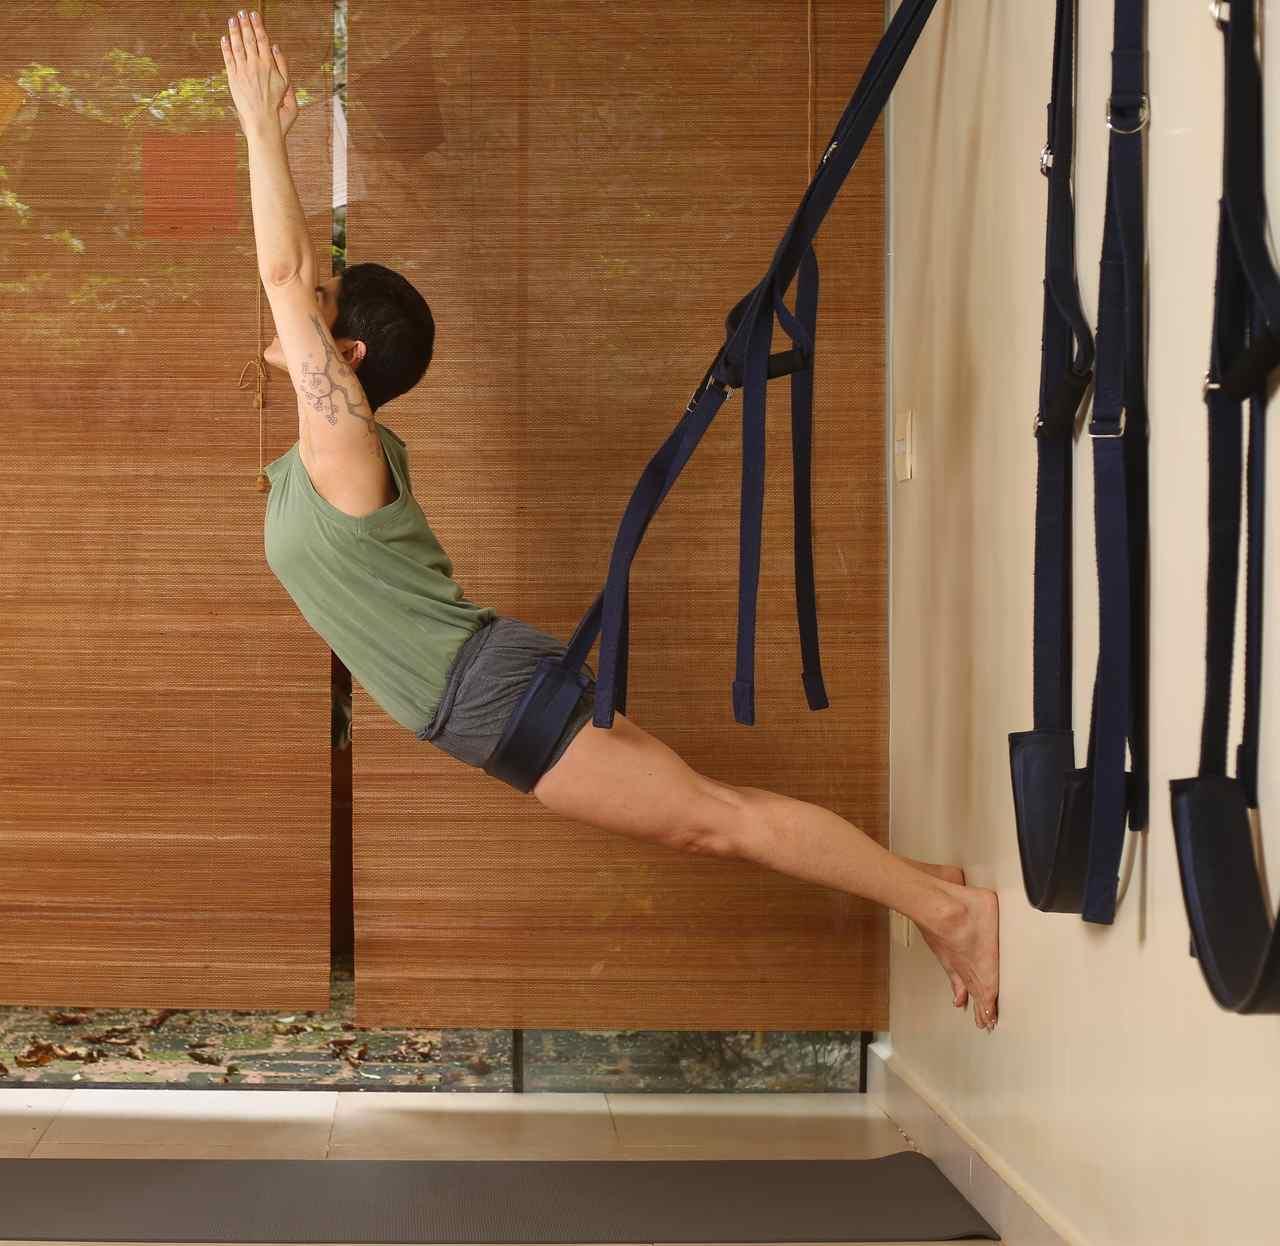 Kurunta Yoga com Barrigada e Manoplas